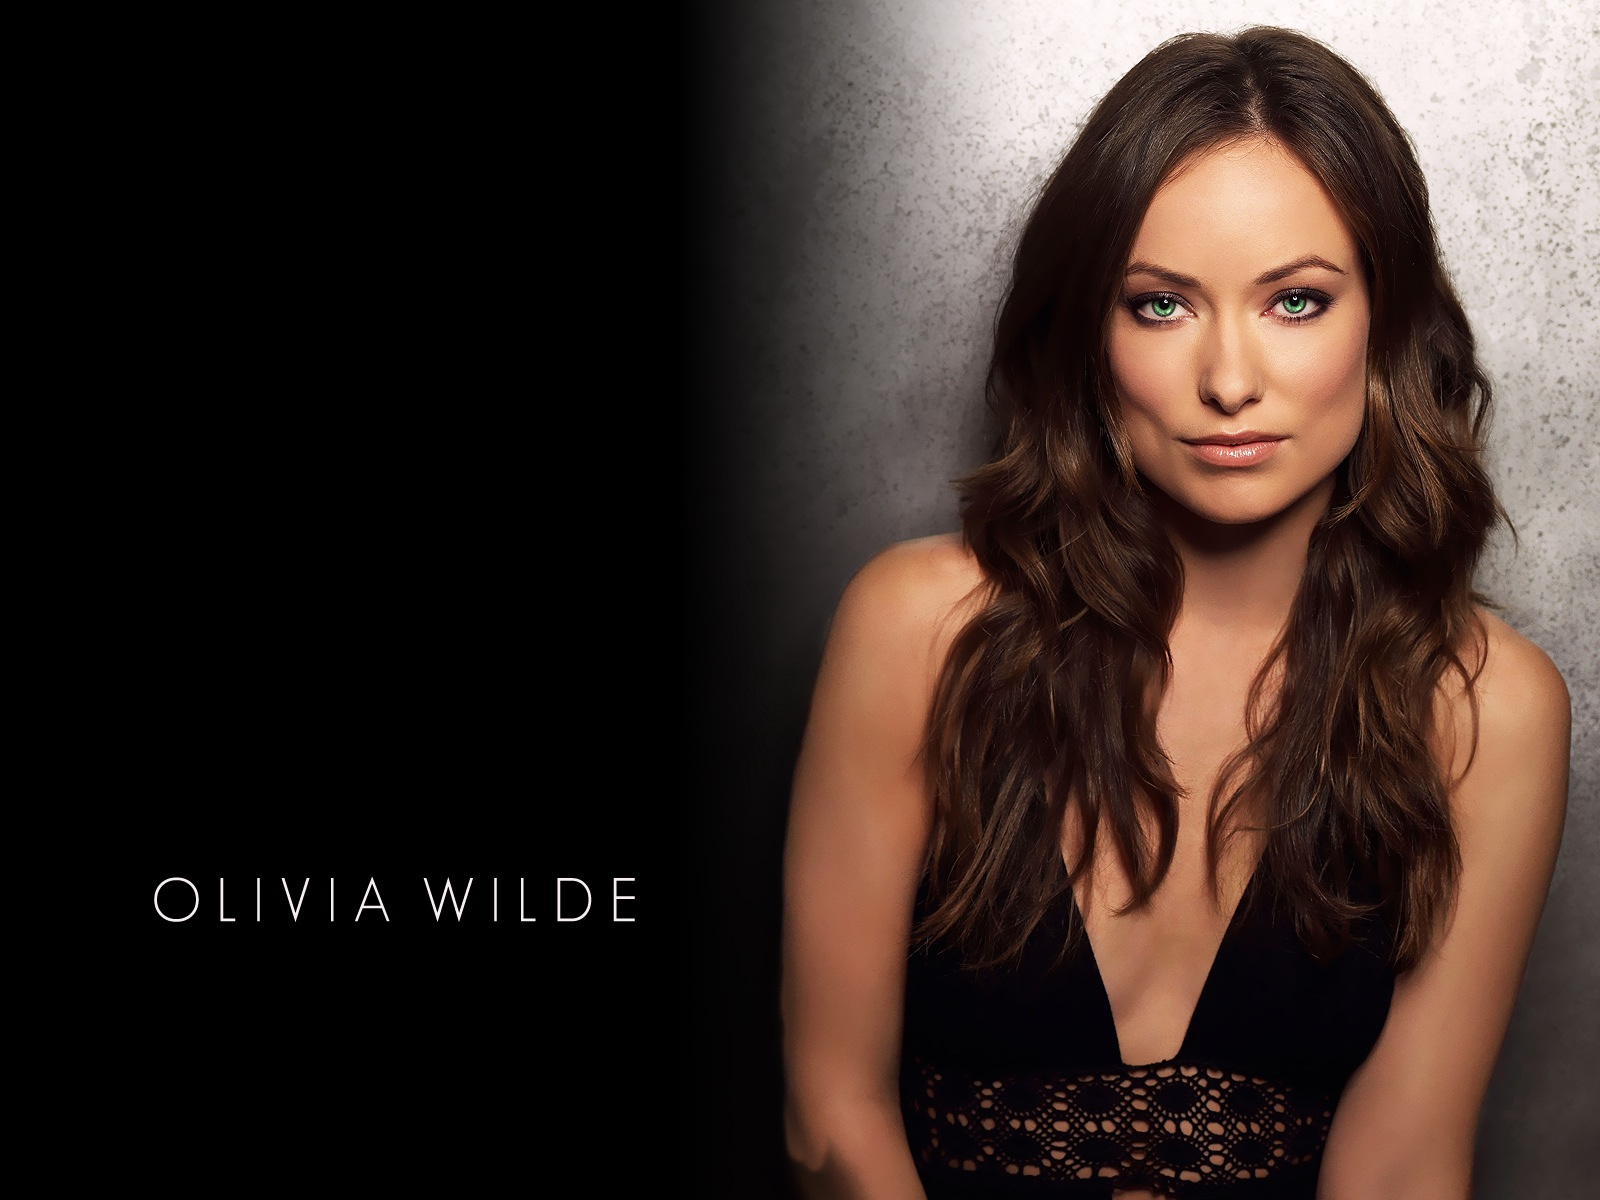 Olivia Wilde 1080p